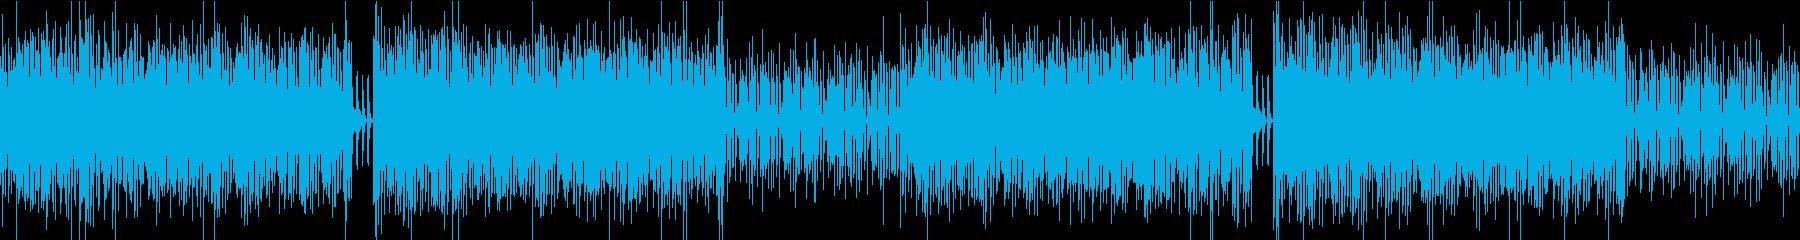 バトル開始 緊張感のあるエレクトロBGMの再生済みの波形